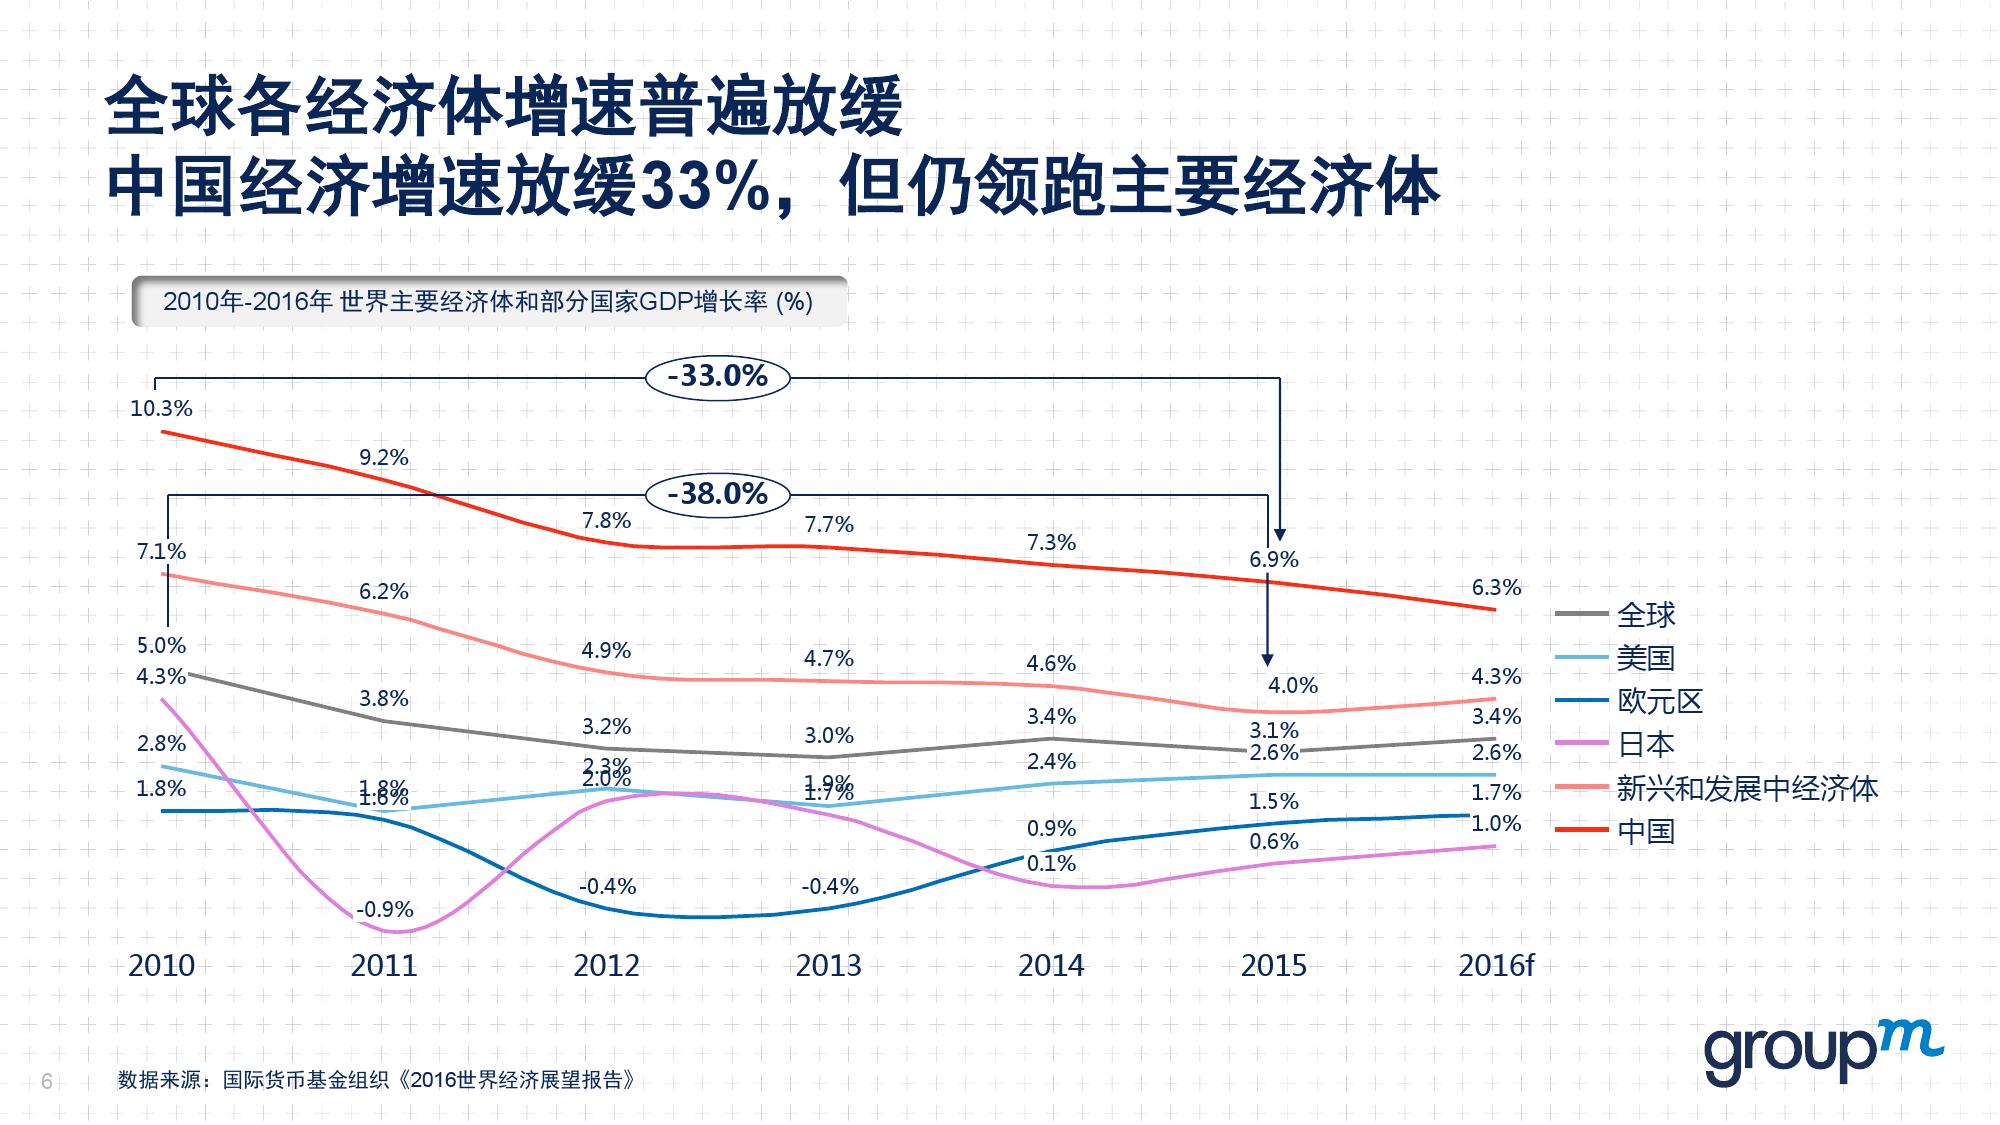 赢在中国2016:从需求刺激转向供给侧改革_000006